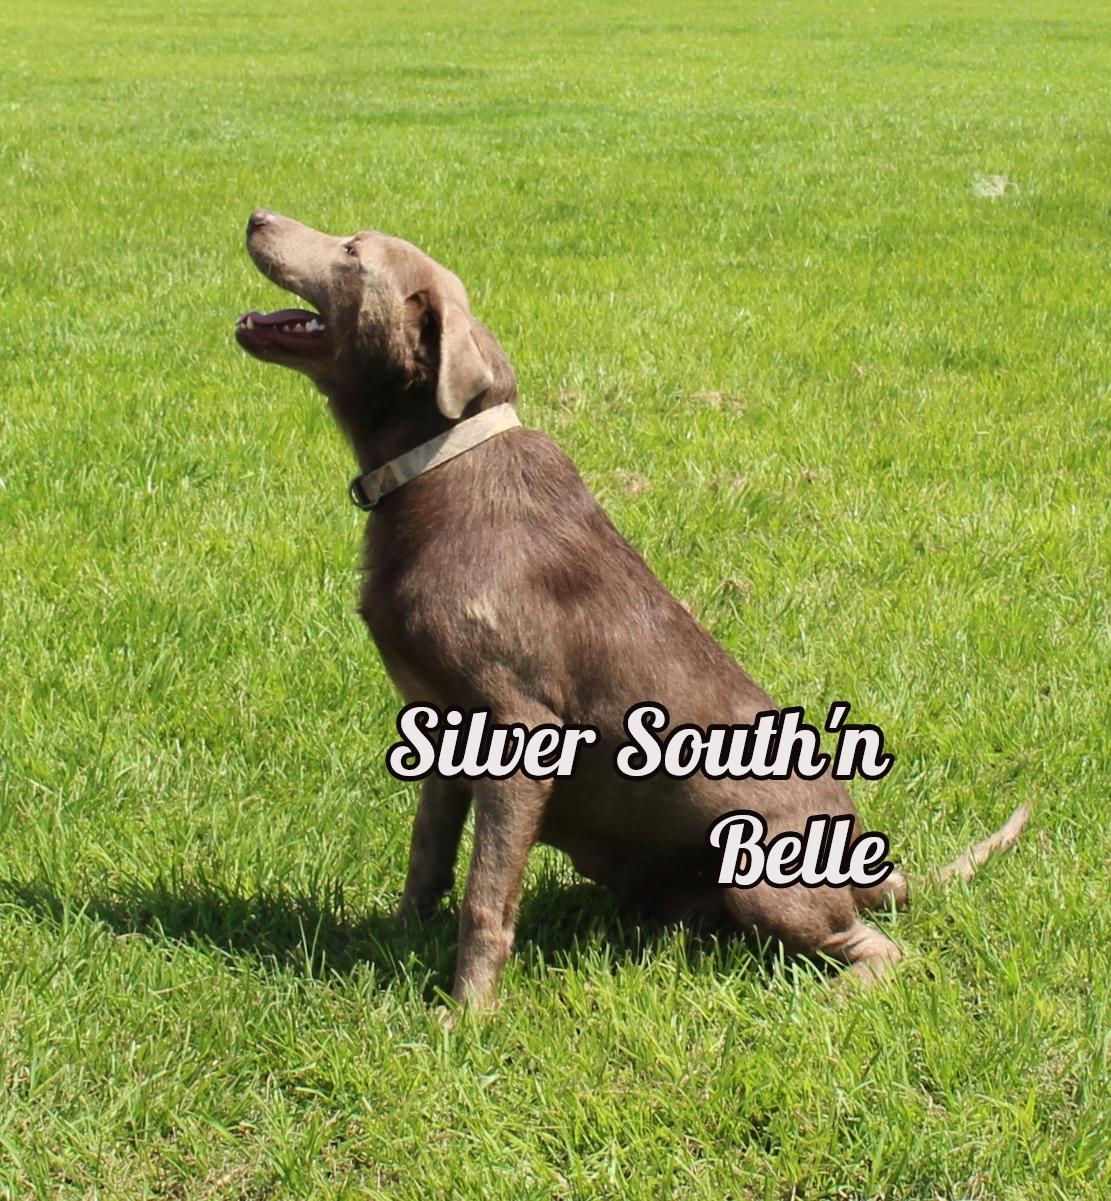 Silver Labrador Retrievers